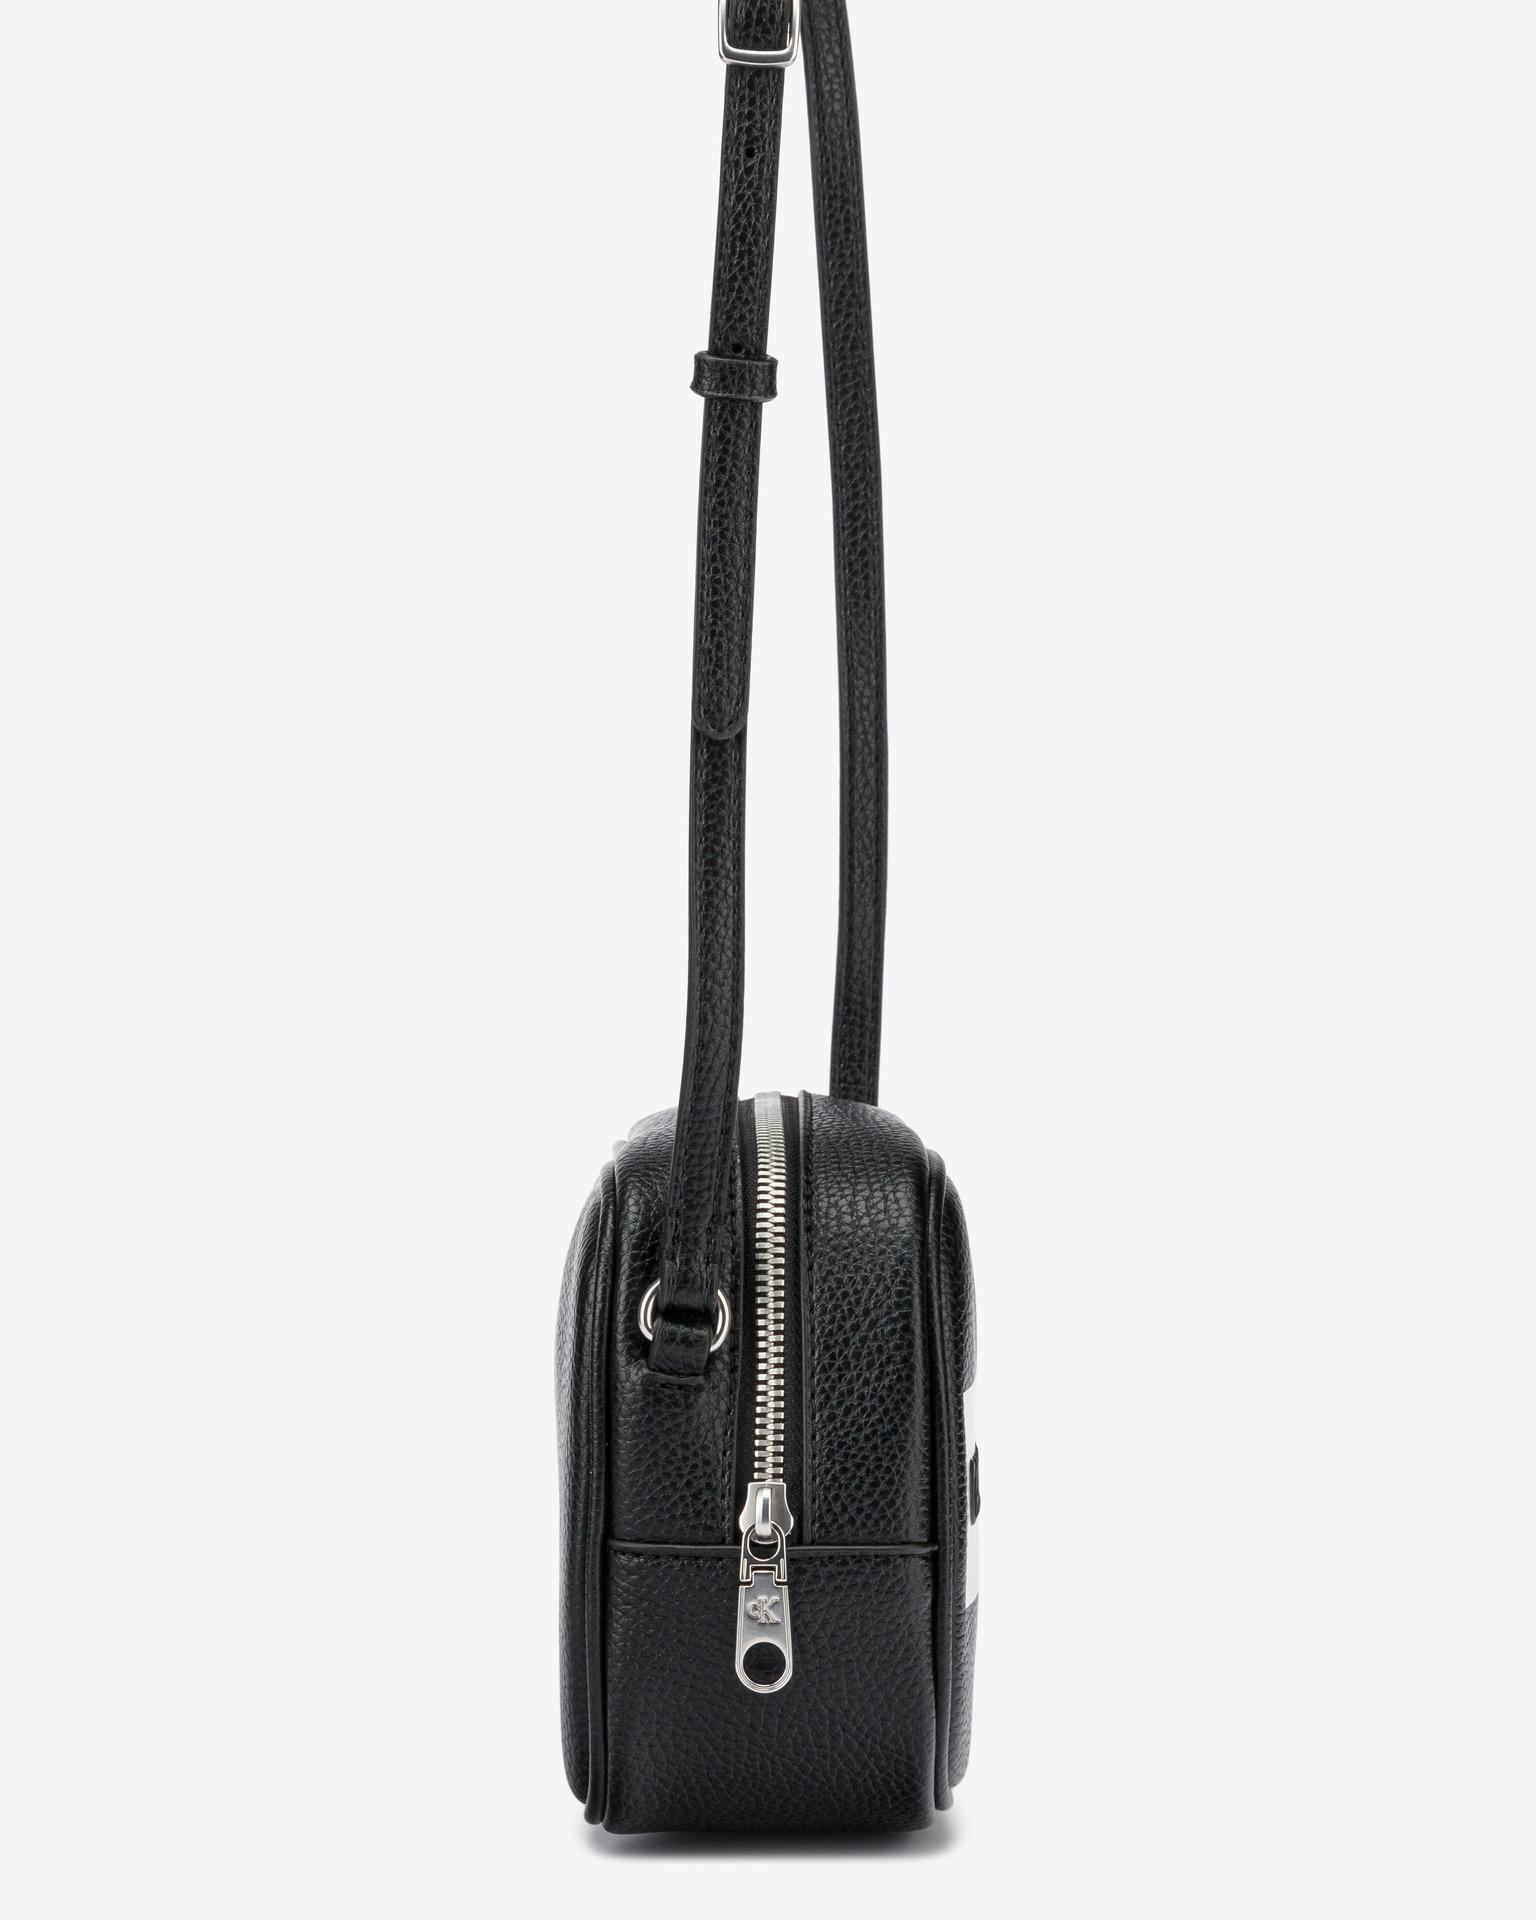 Calvin Klein black crossbody handbag Camera